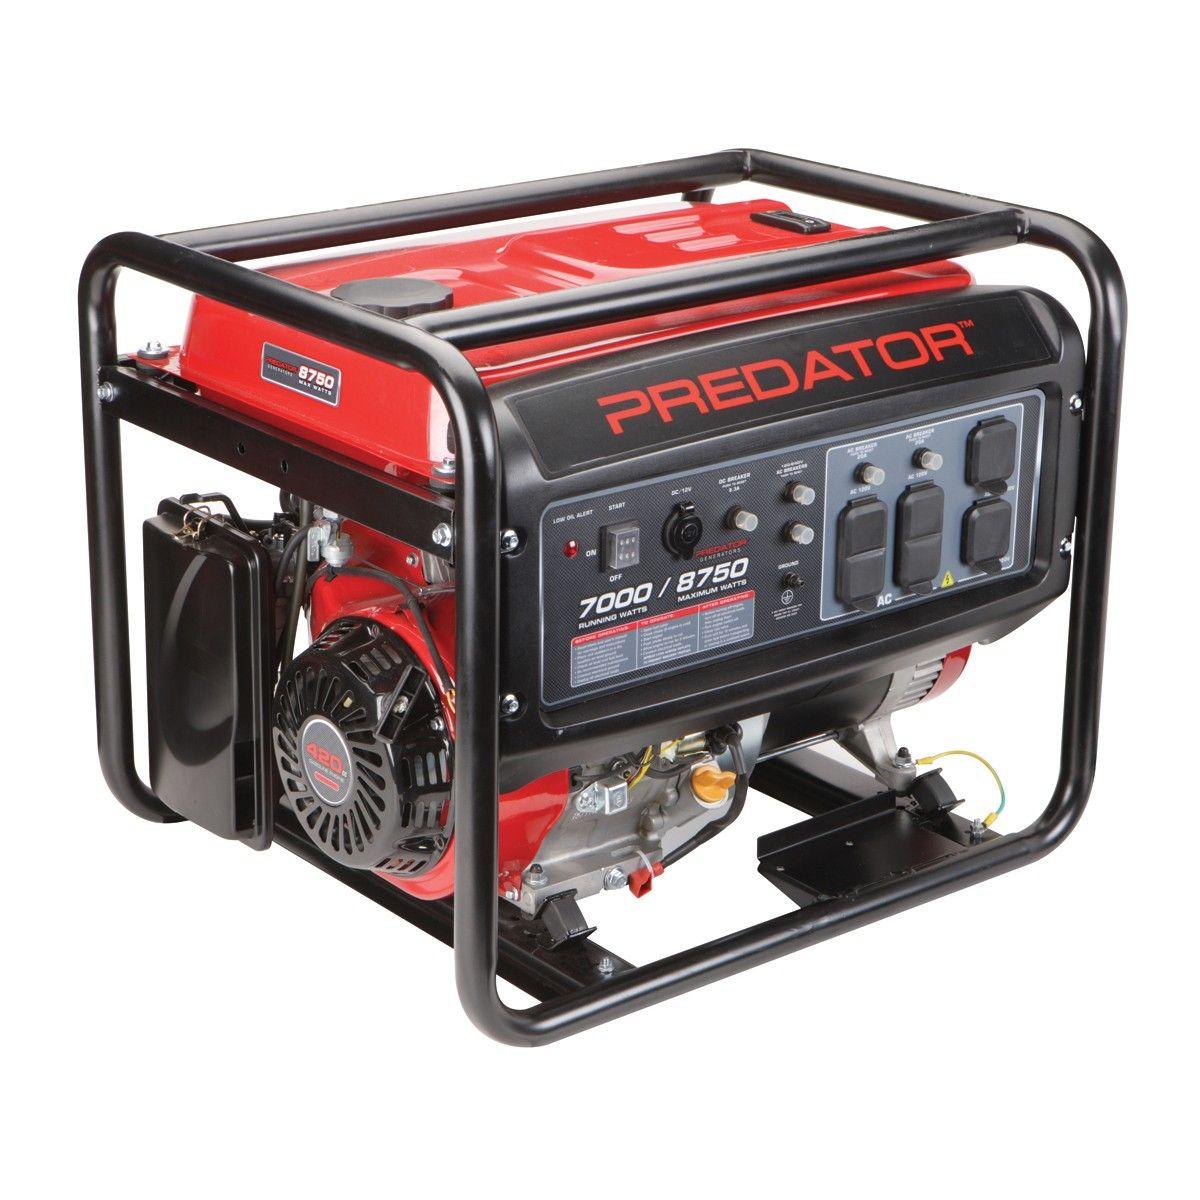 420cc 8750 watts max 7000 watts rated portable generator [ 1200 x 1200 Pixel ]